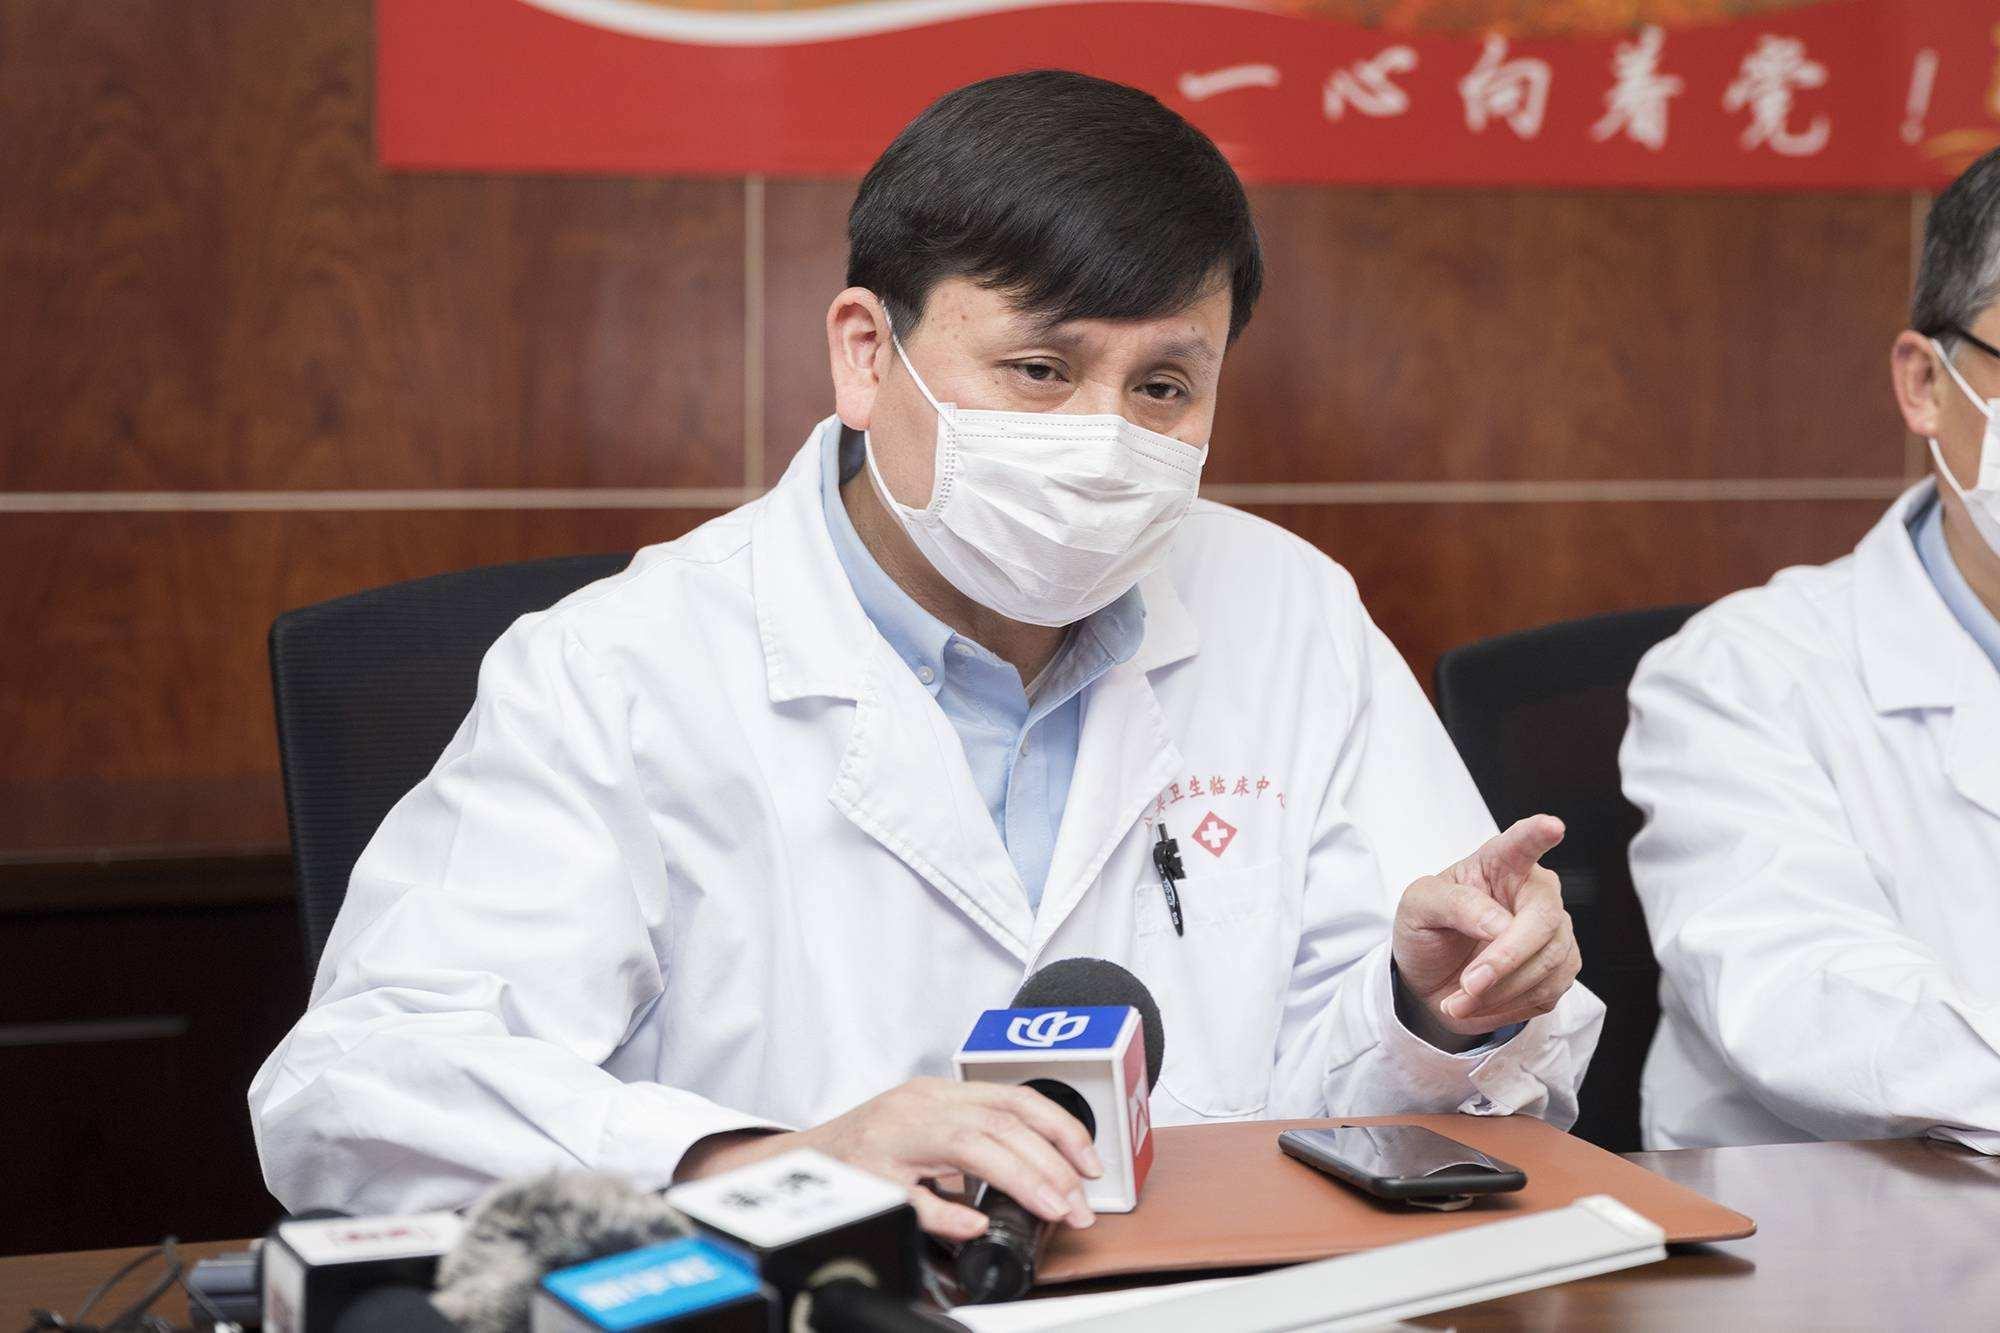 华山医院张文宏:过了夏天以后病人会减少,给海外留学生提3点建议